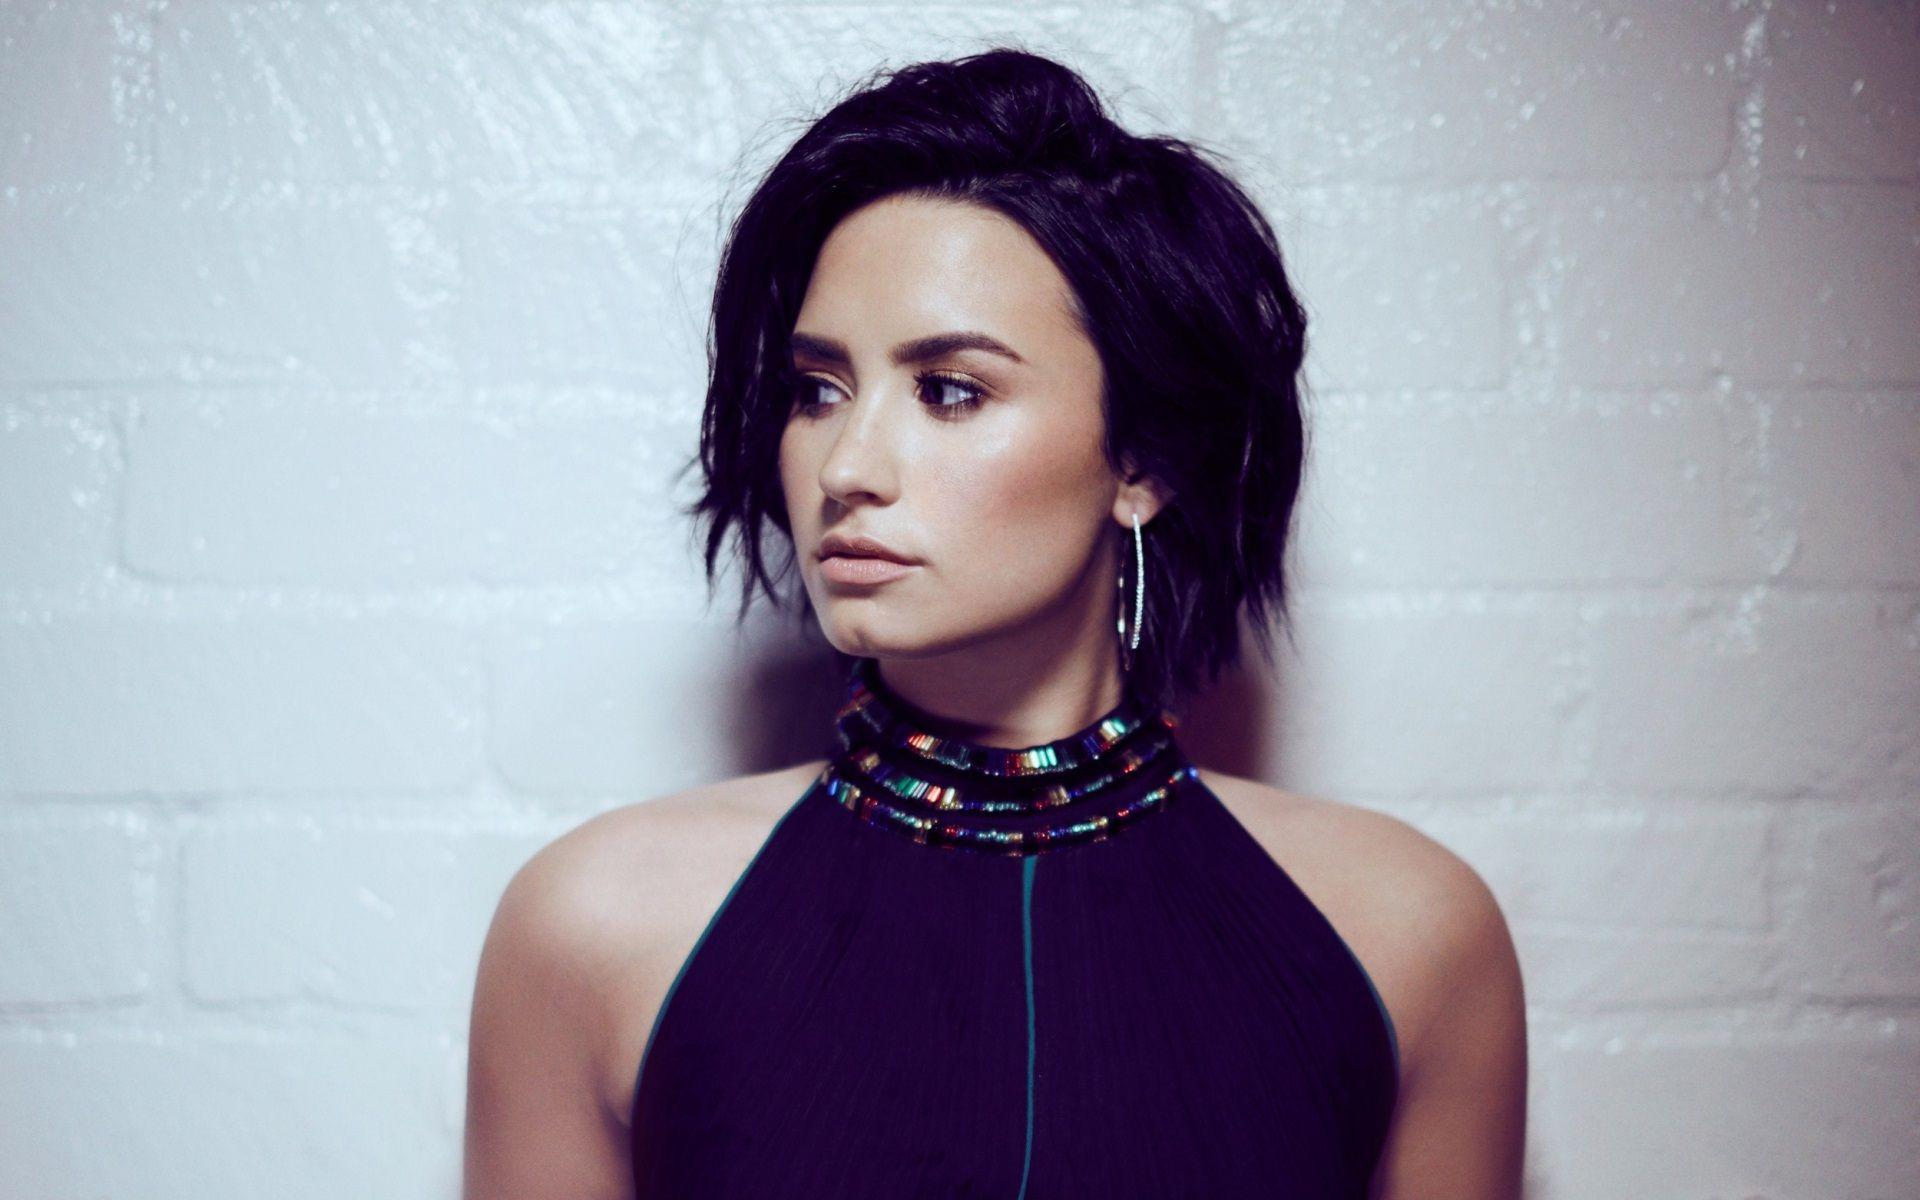 1920x1200 Demi Lovato Wallpaper For Hd Desktop Demi Lovato Demi Lovato 2017 Lovato